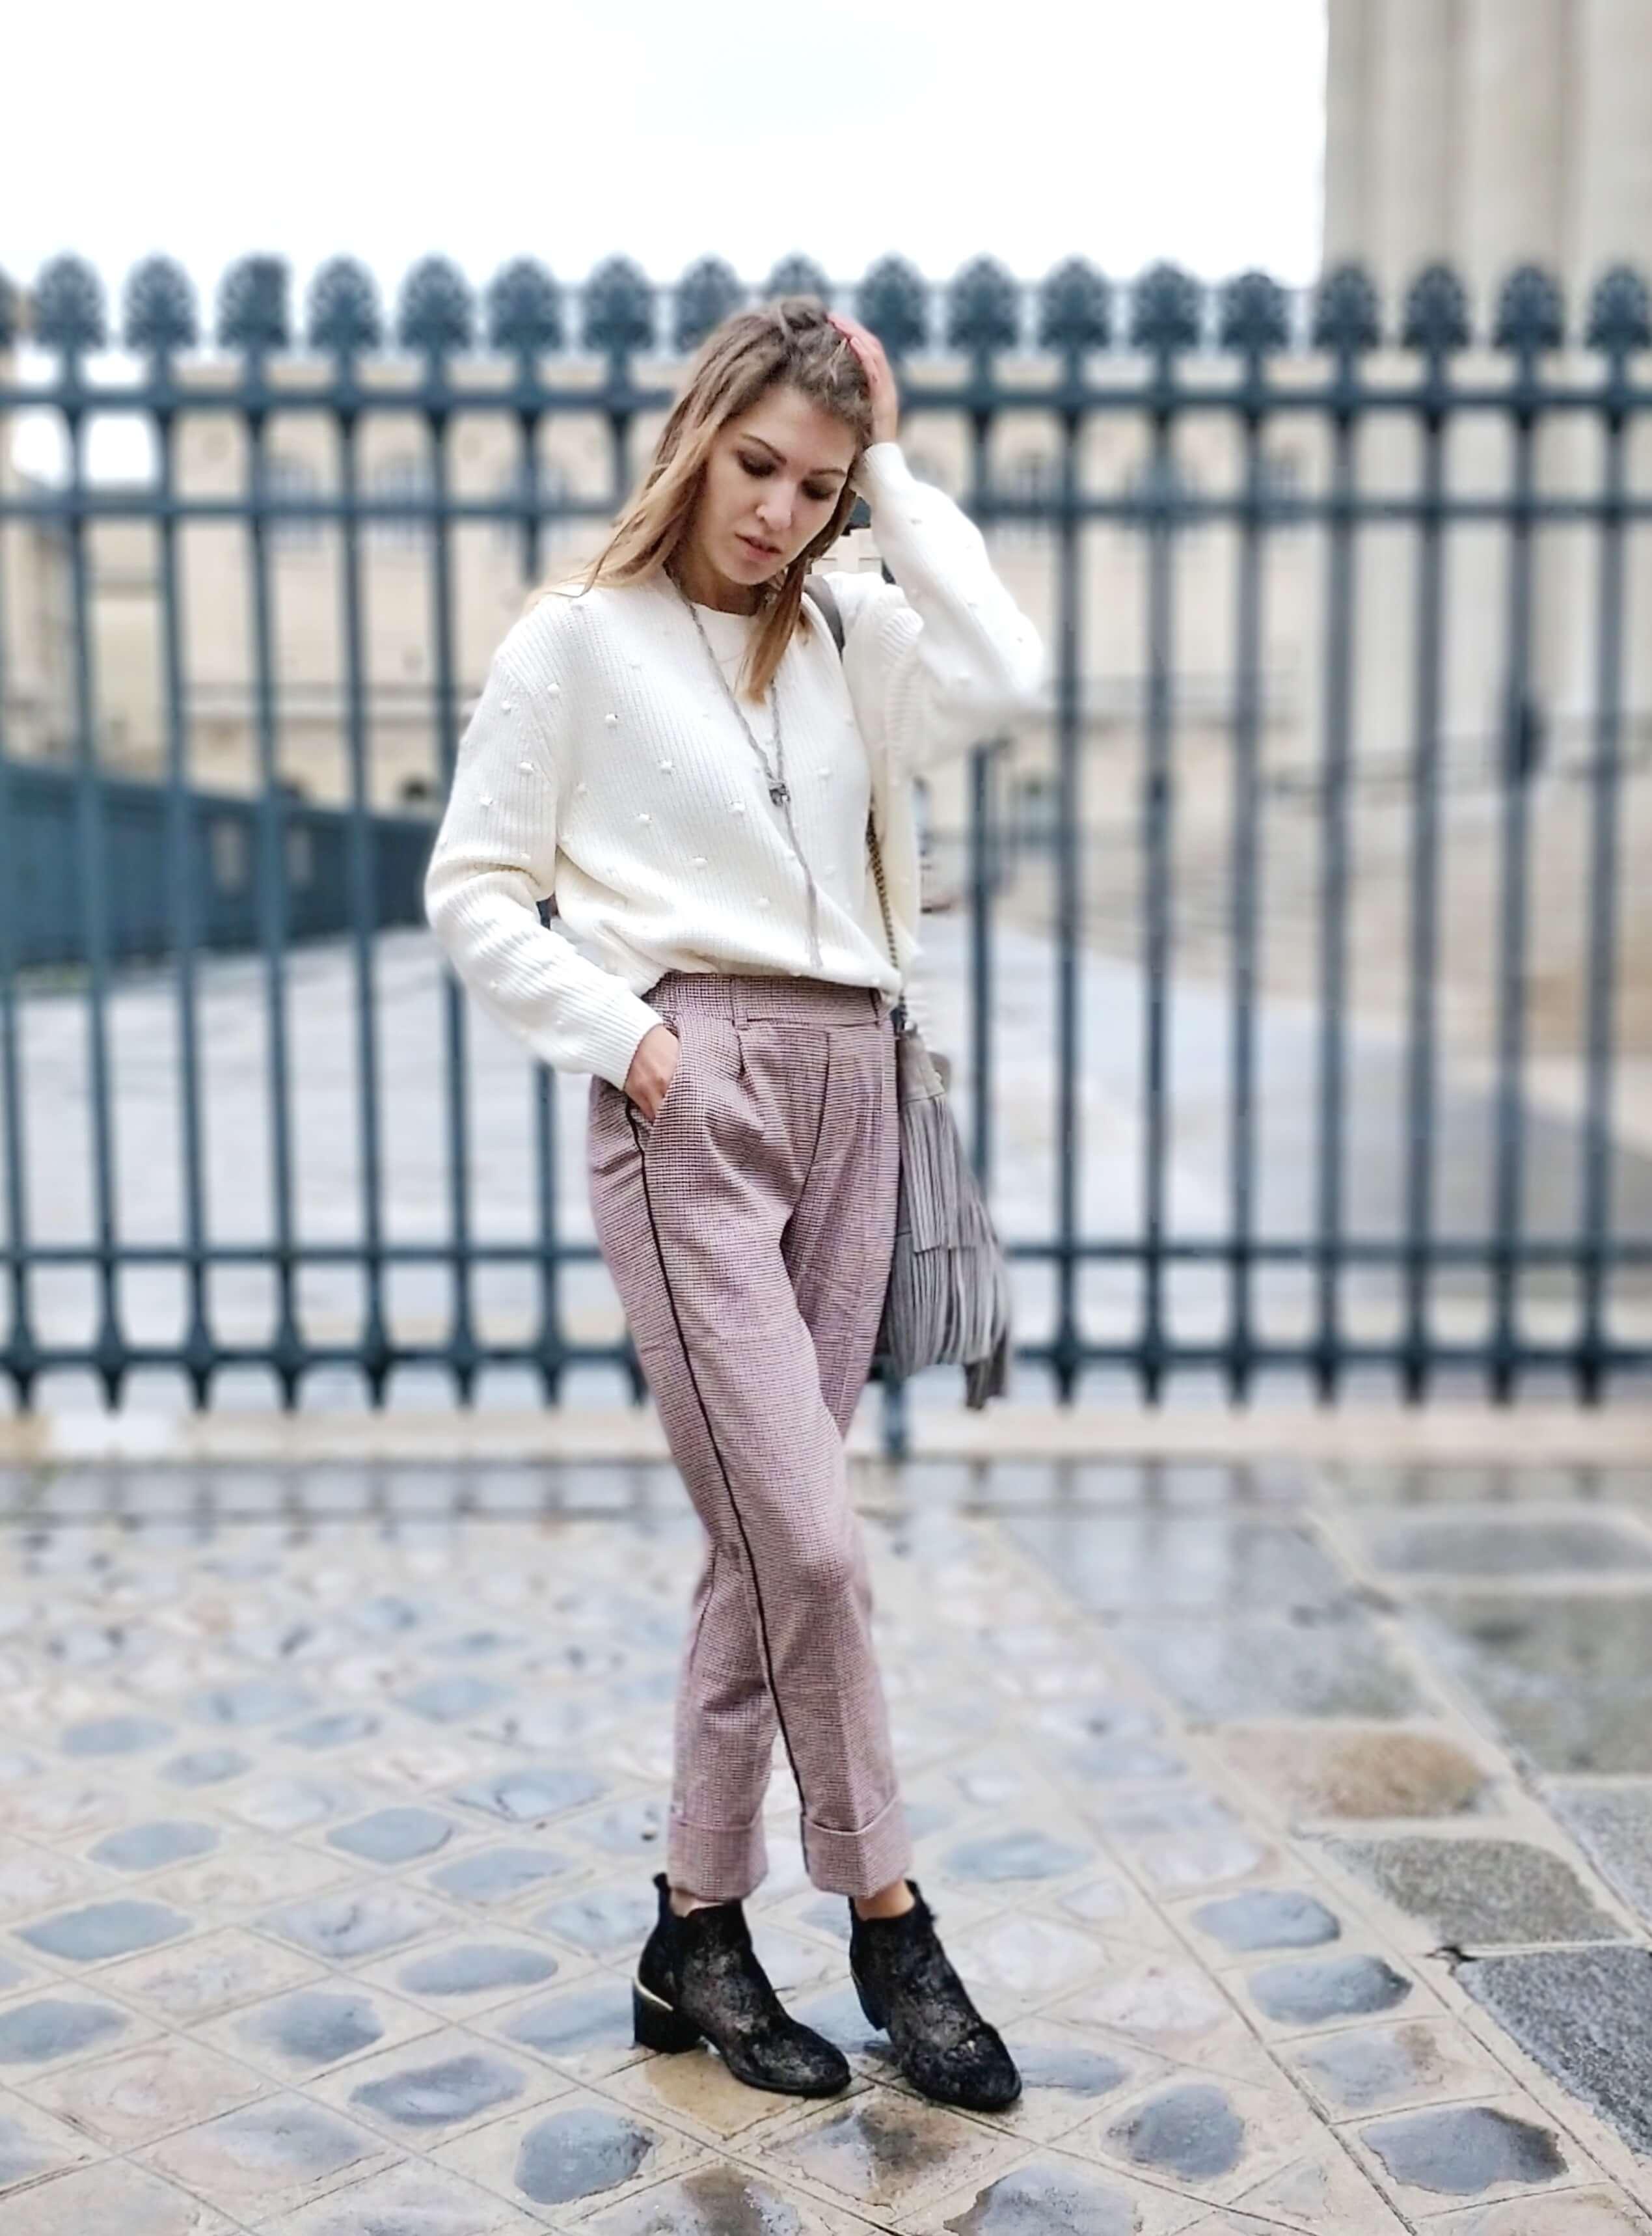 tenue automne blog paris 19 janvier mode - L'hiver en fausse fourrure